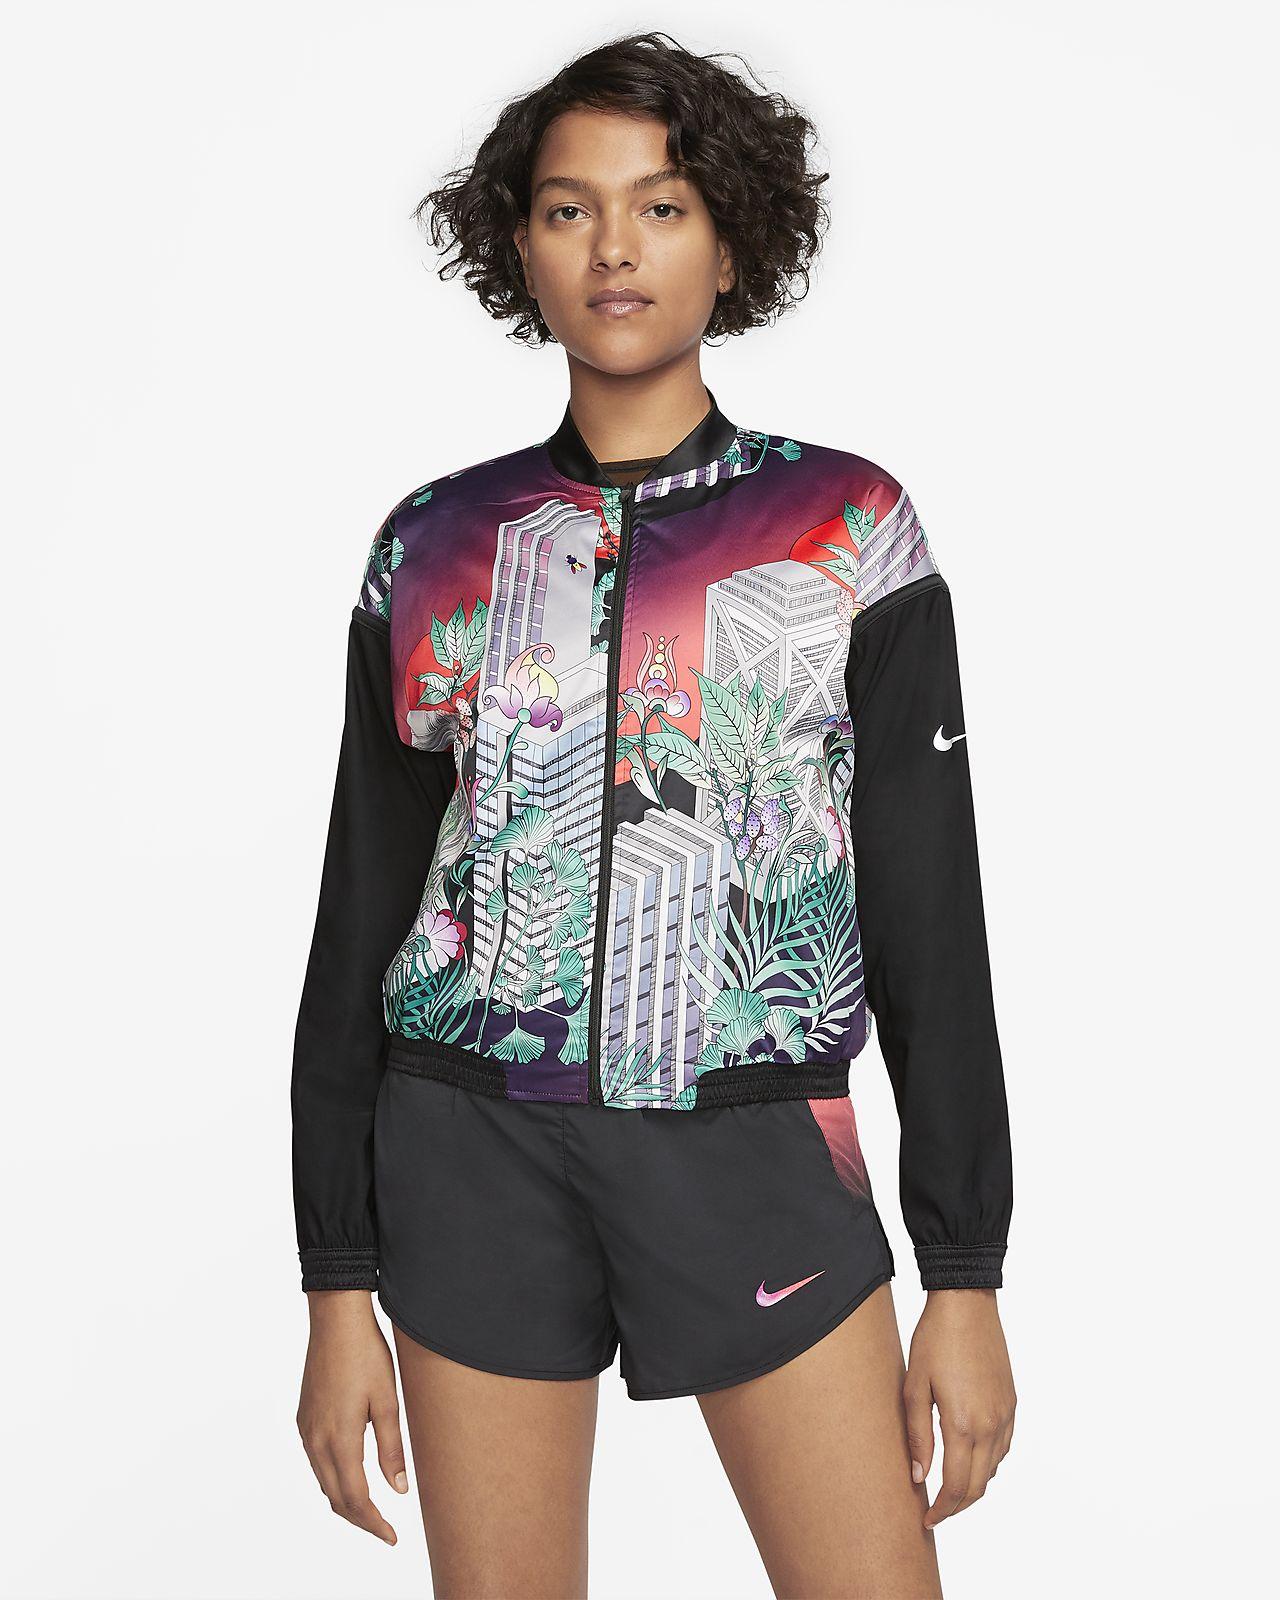 Nike Women's Reversible Running Jacket